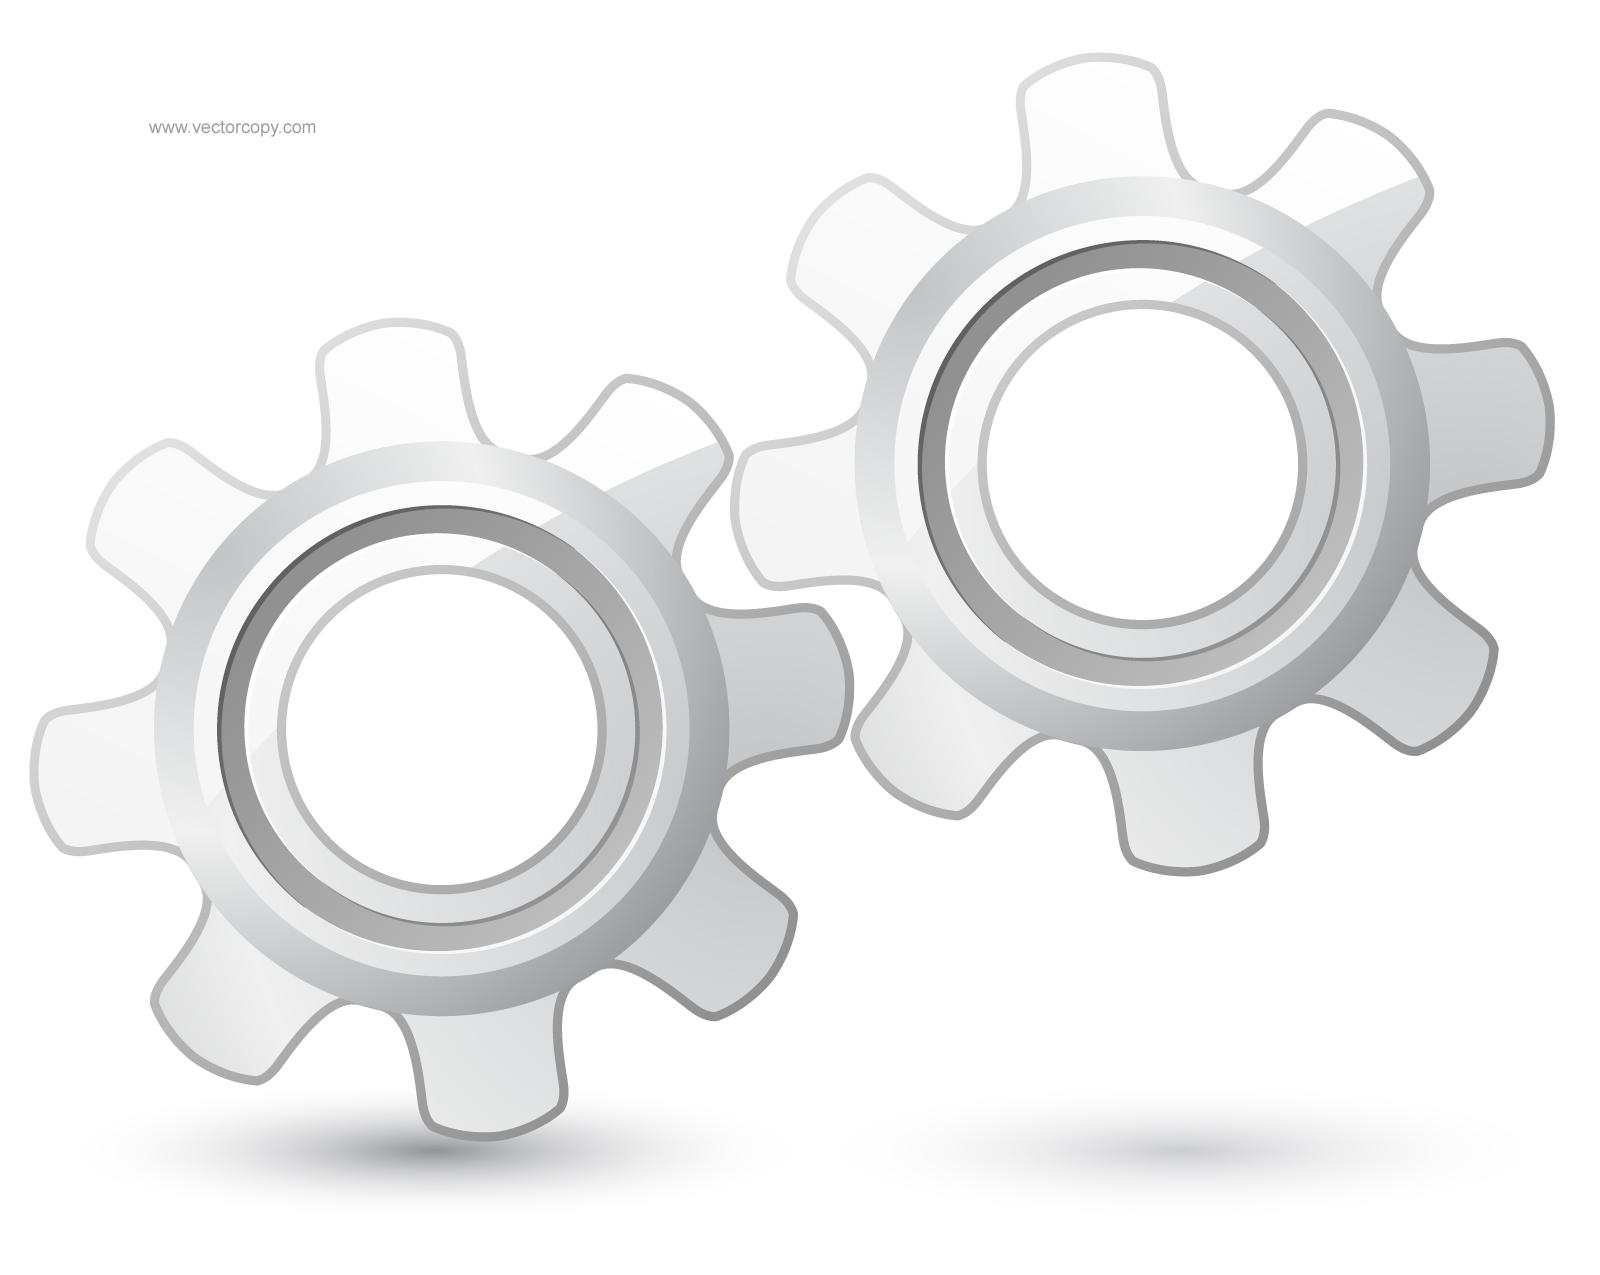 Gear Icon Vector Free